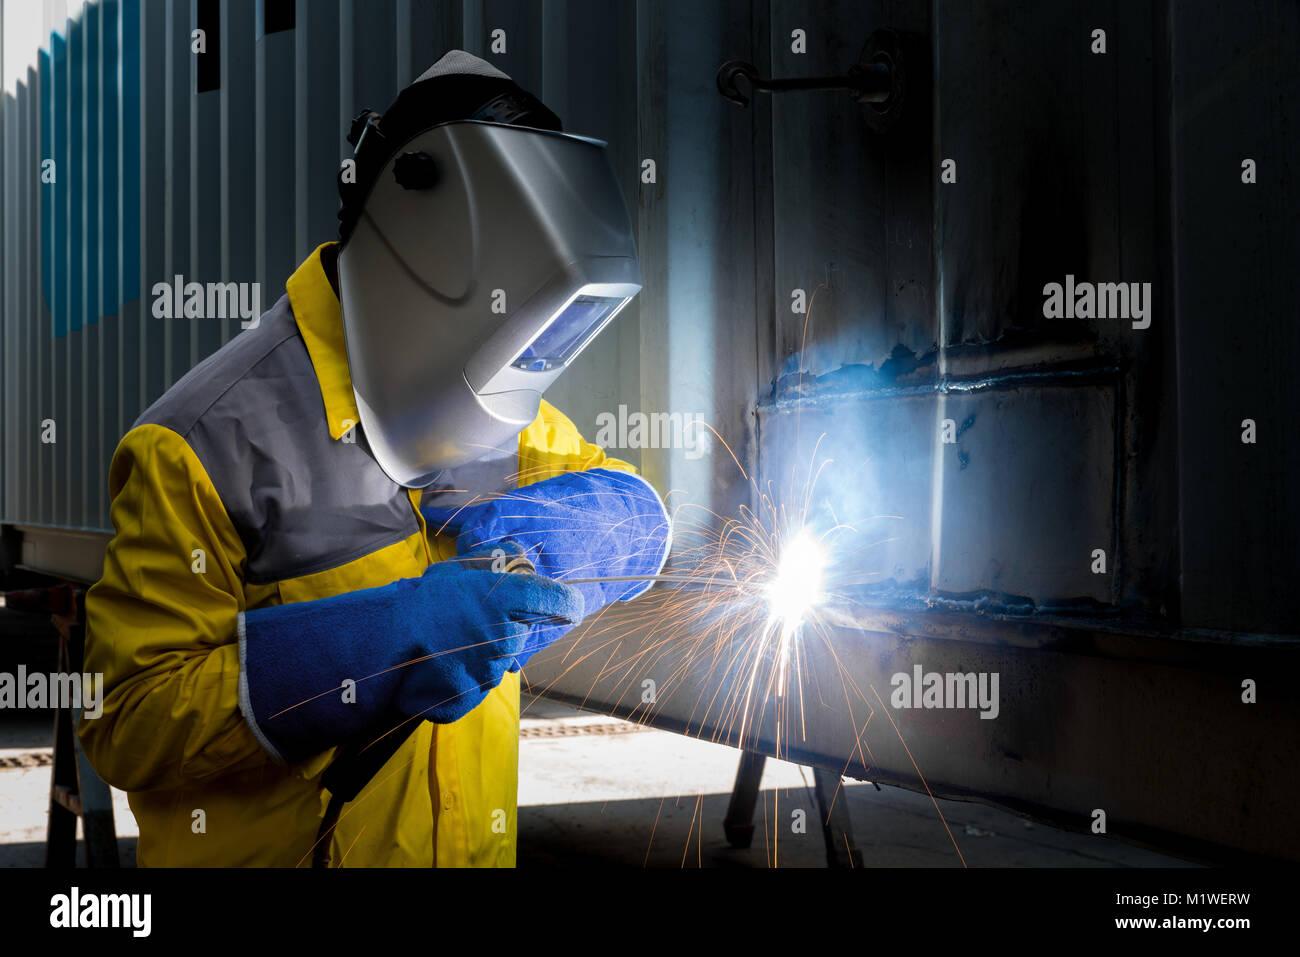 L'industria lavoratore con acciaio di saldatura per la riparazione di strutture di contenitore fabbricazione Immagini Stock